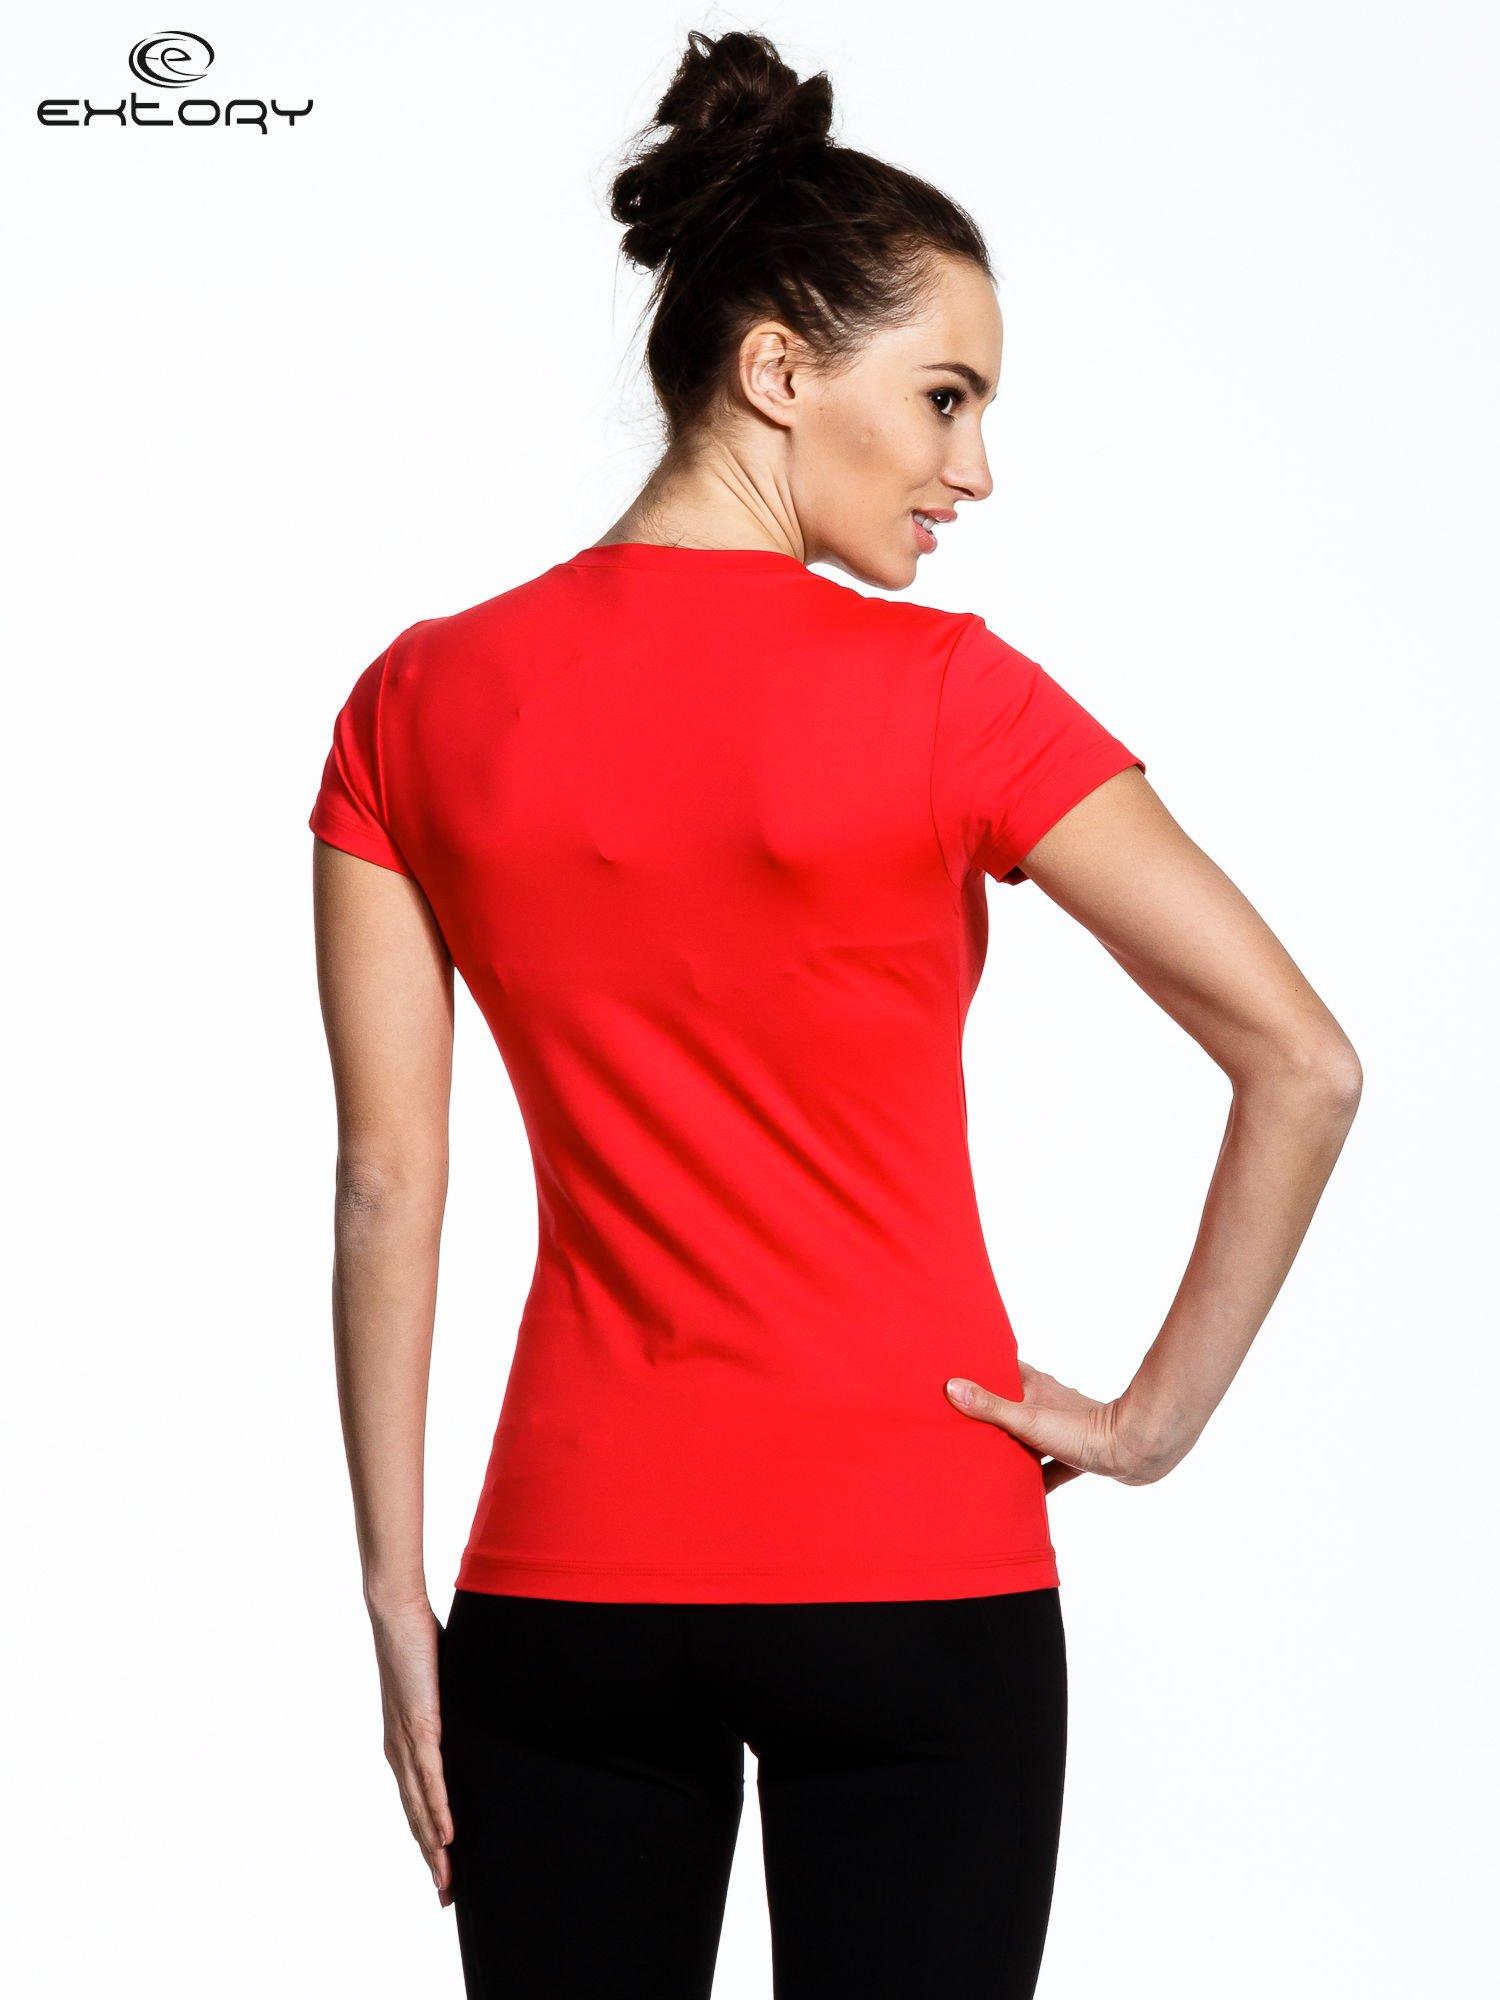 Koralowy modelujący damski t-shirt sportowy                                   zdj.                                  2